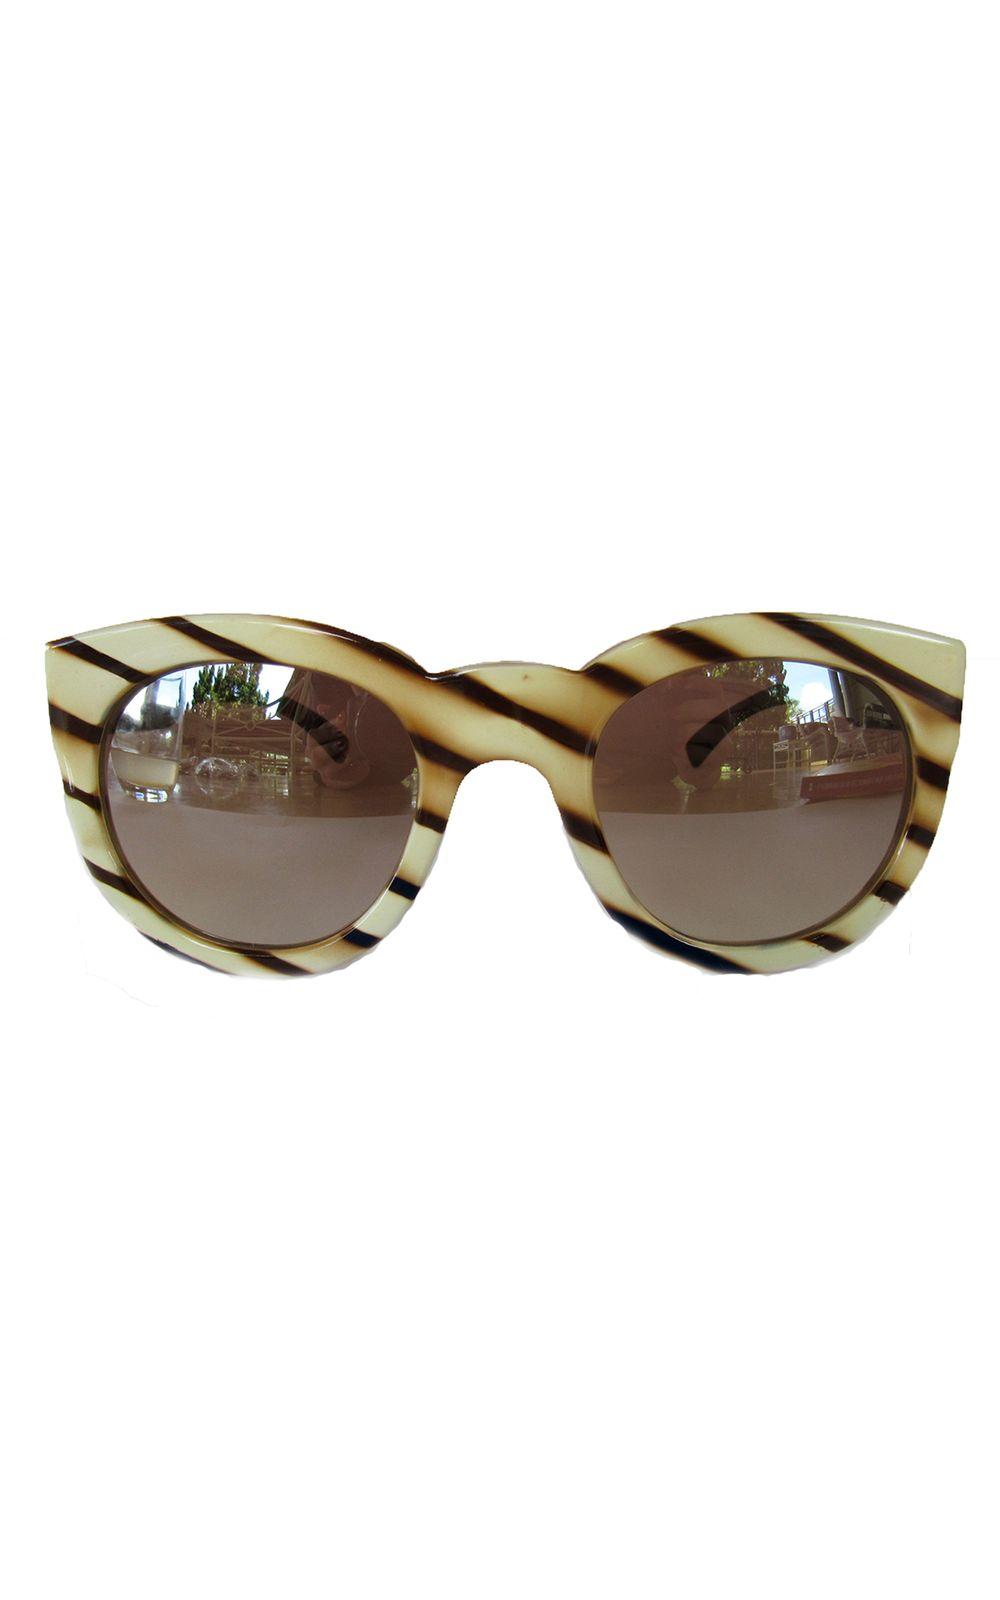 1036cca09 Óculos Quadrado Style Marfim Espelhado. undefined